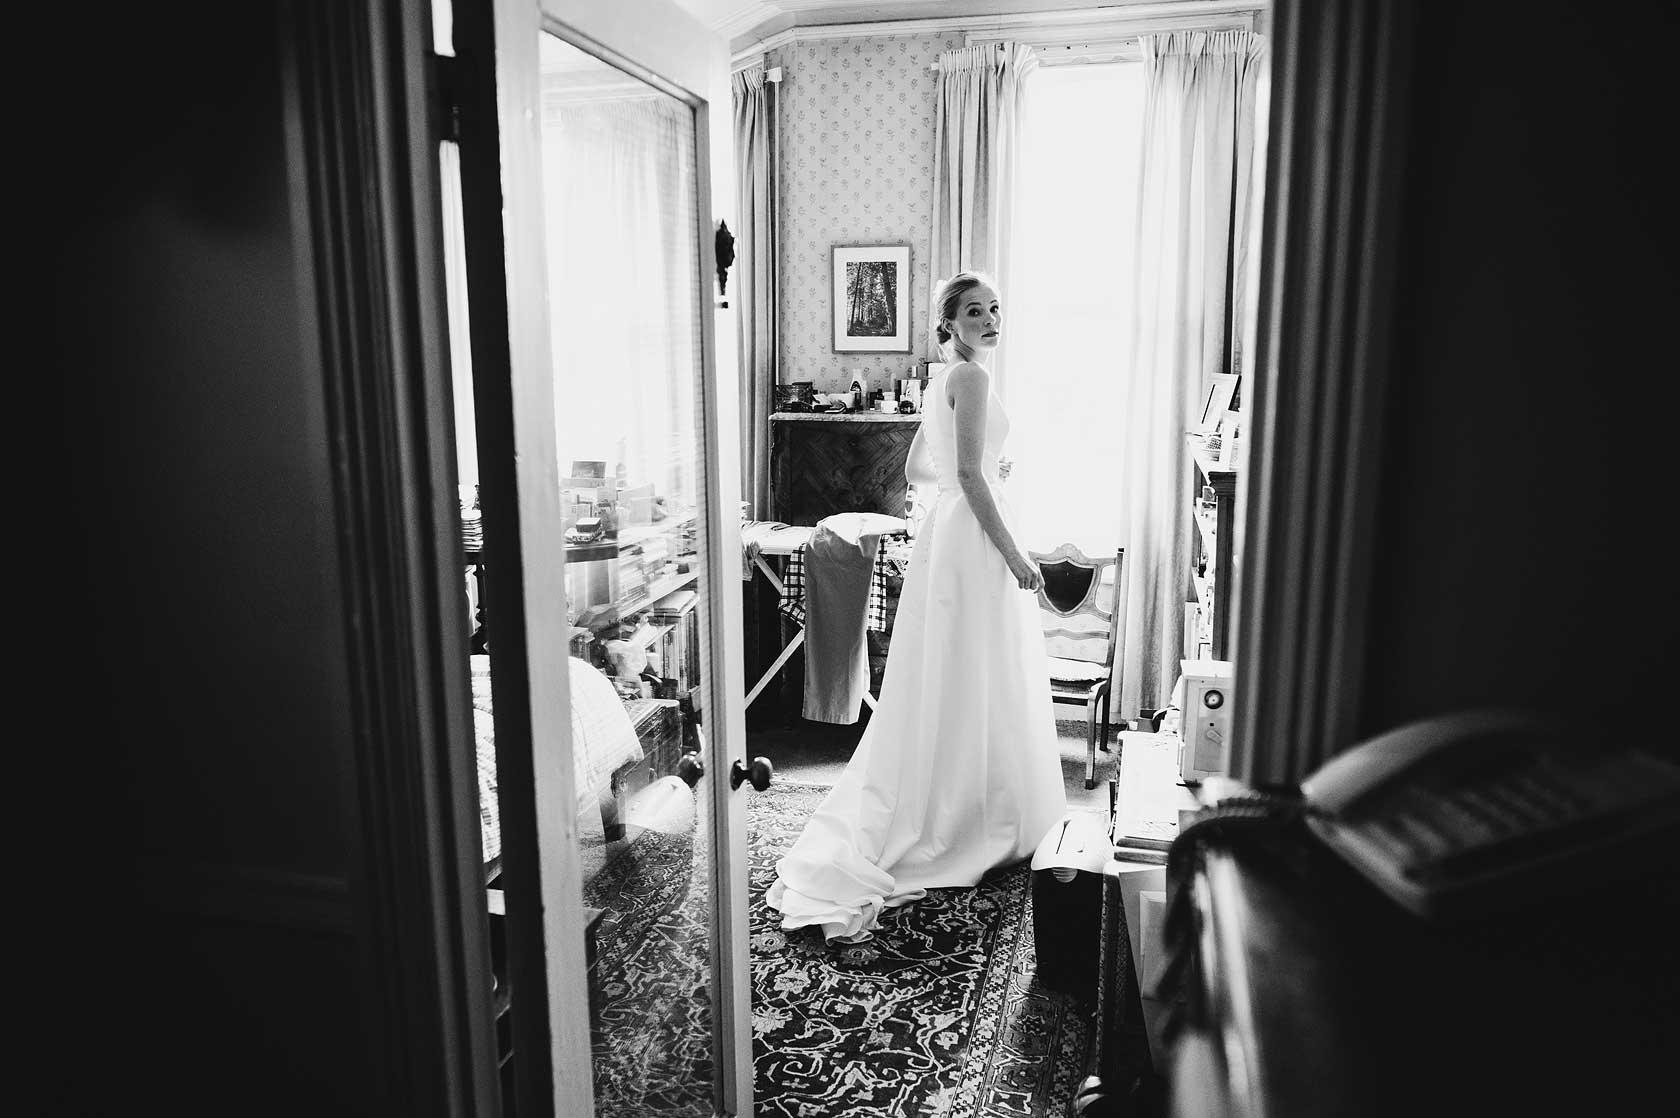 Wedding Photojournalism at St Barts Hospital